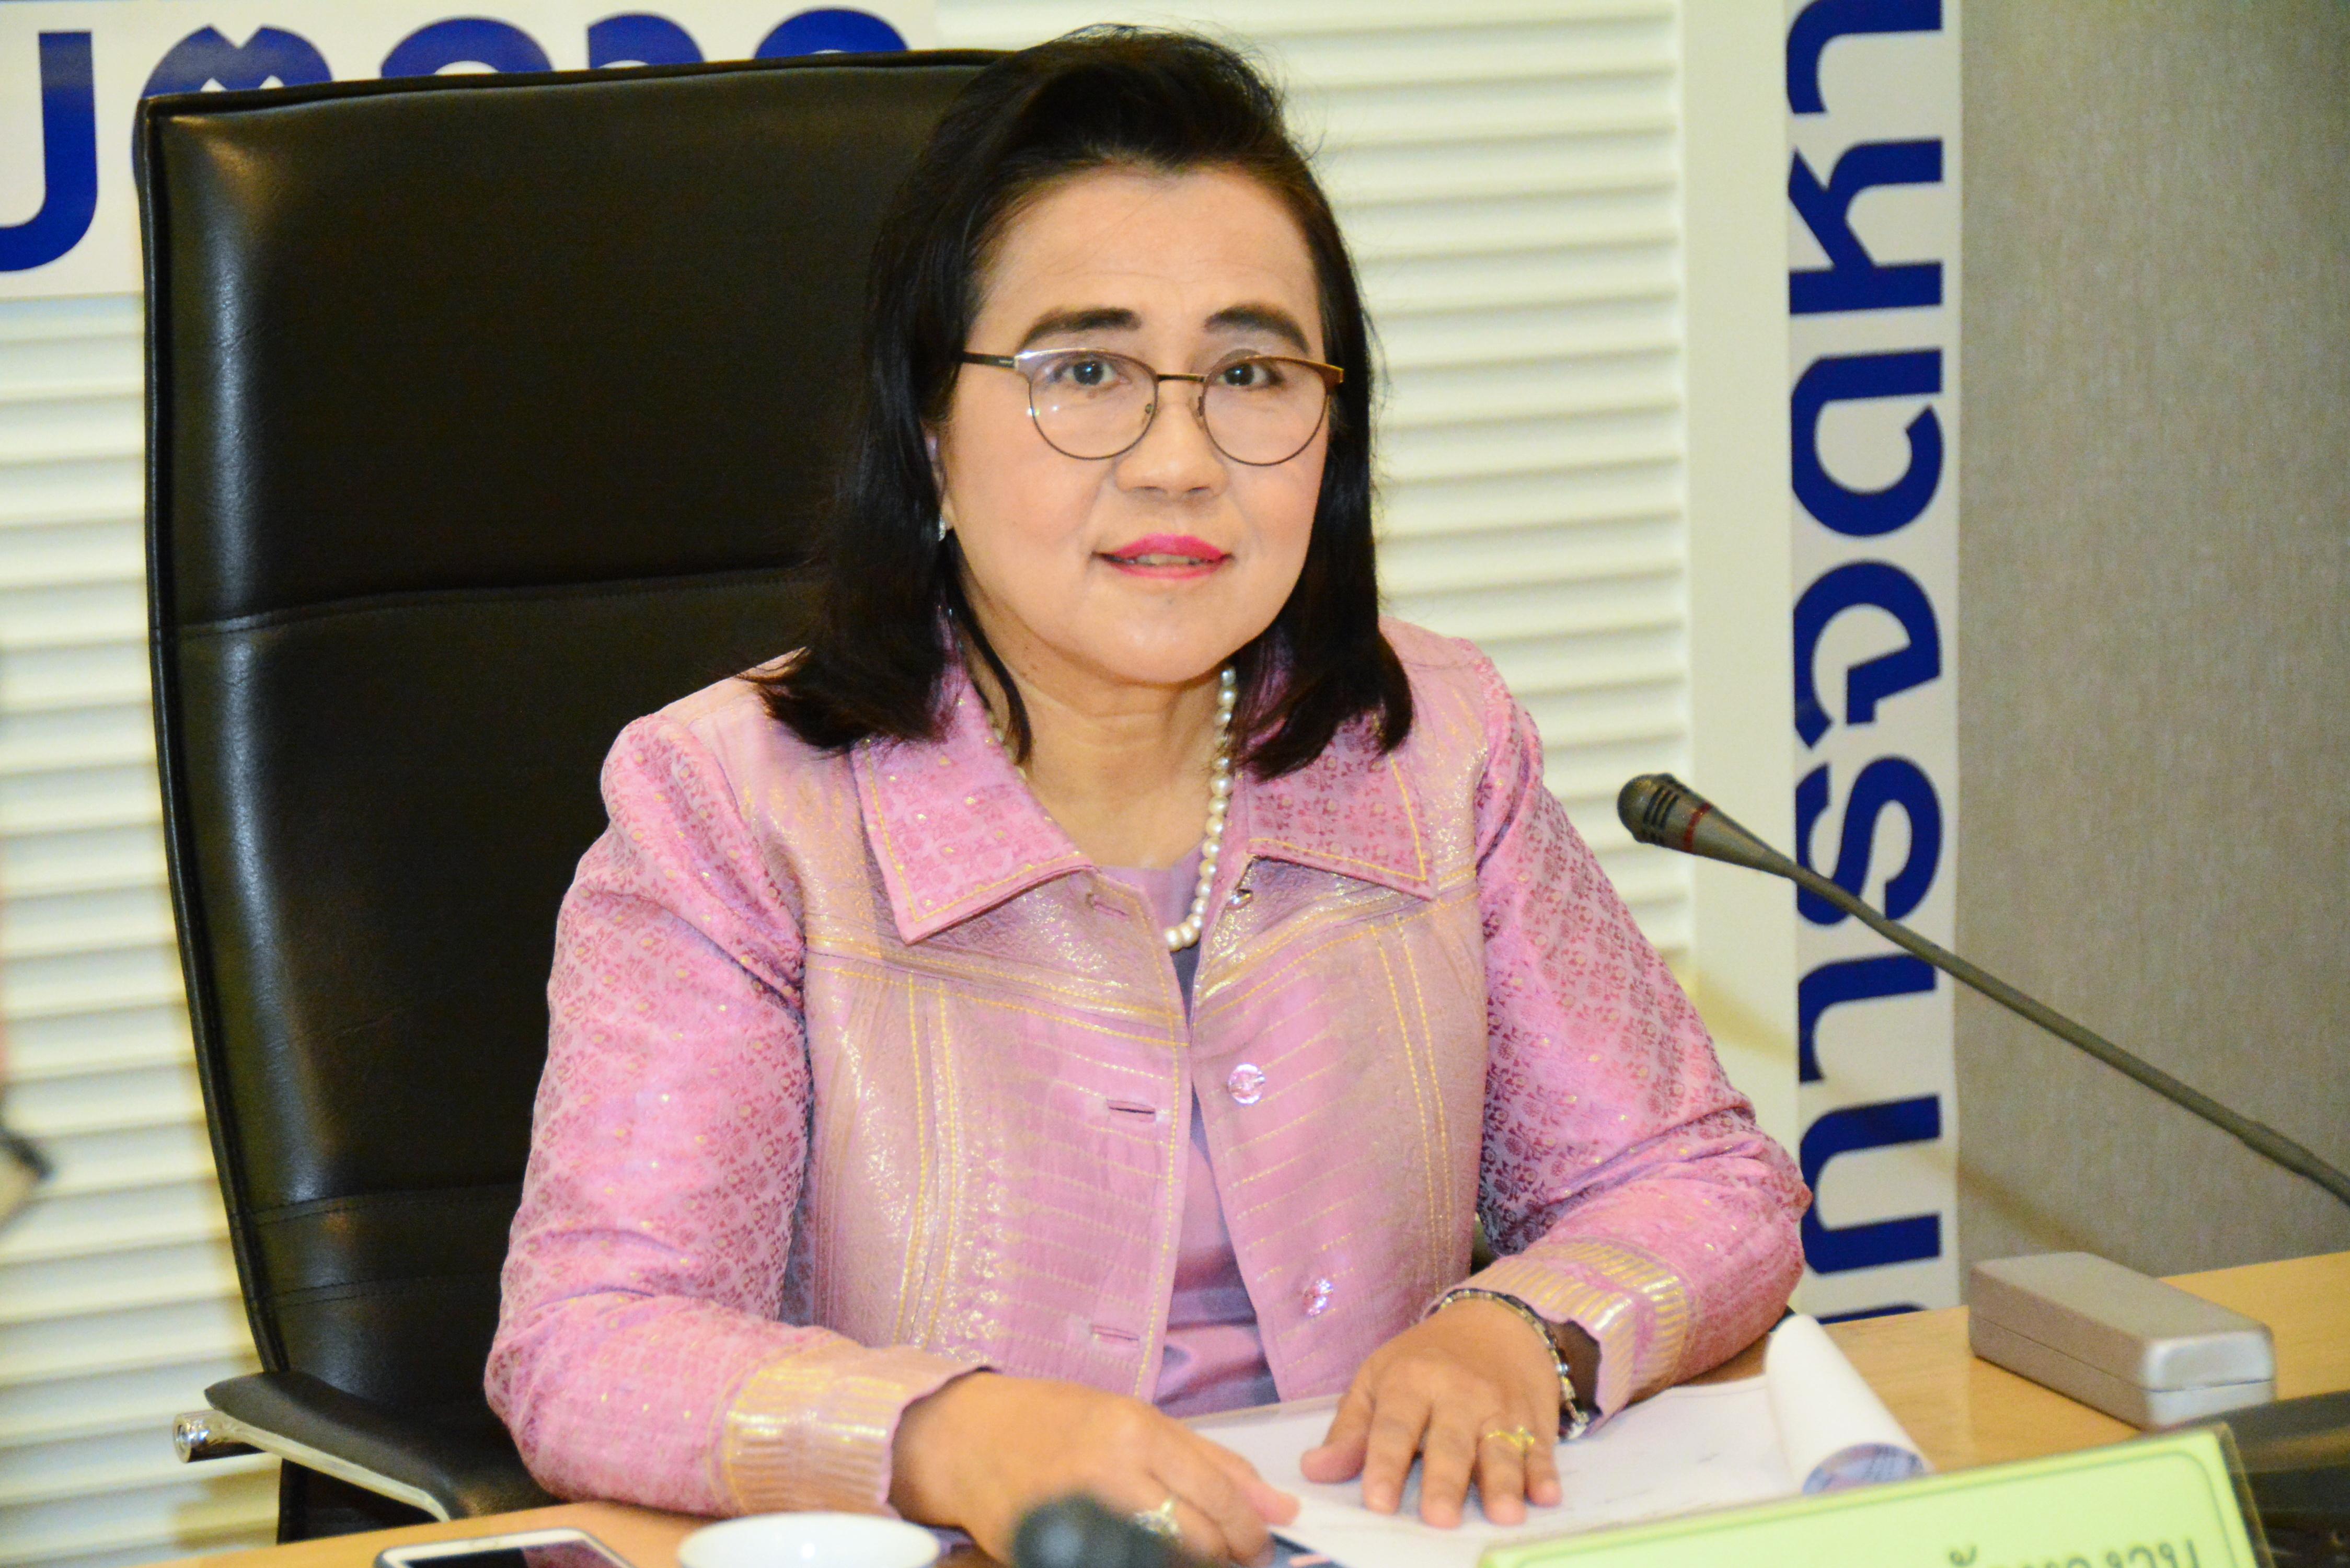 นางเพชรรัตน์ สินอวย  อธิบดีกรมการจัดหางาน  เป็นประธานการประชุมหารือแนวทางการดำเนินการเกี่ยวกับการเดินทางไปเก็บผลไ ม้ป่าของคนงานไทยในฟินแลนด์ ฤดูกาลปี 2020